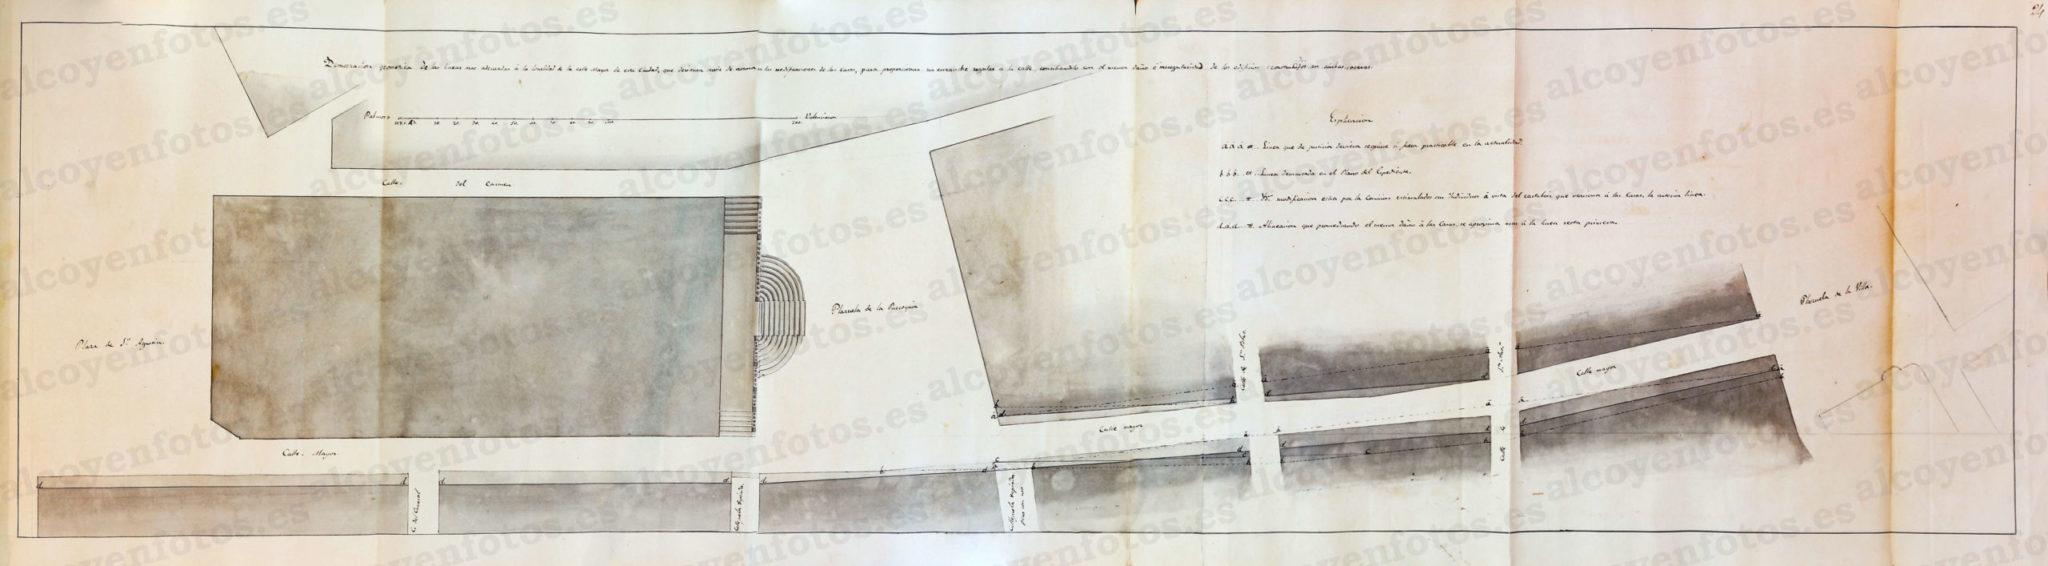 1848-Correccion-alineacion-Calle-Mayor-005691-023